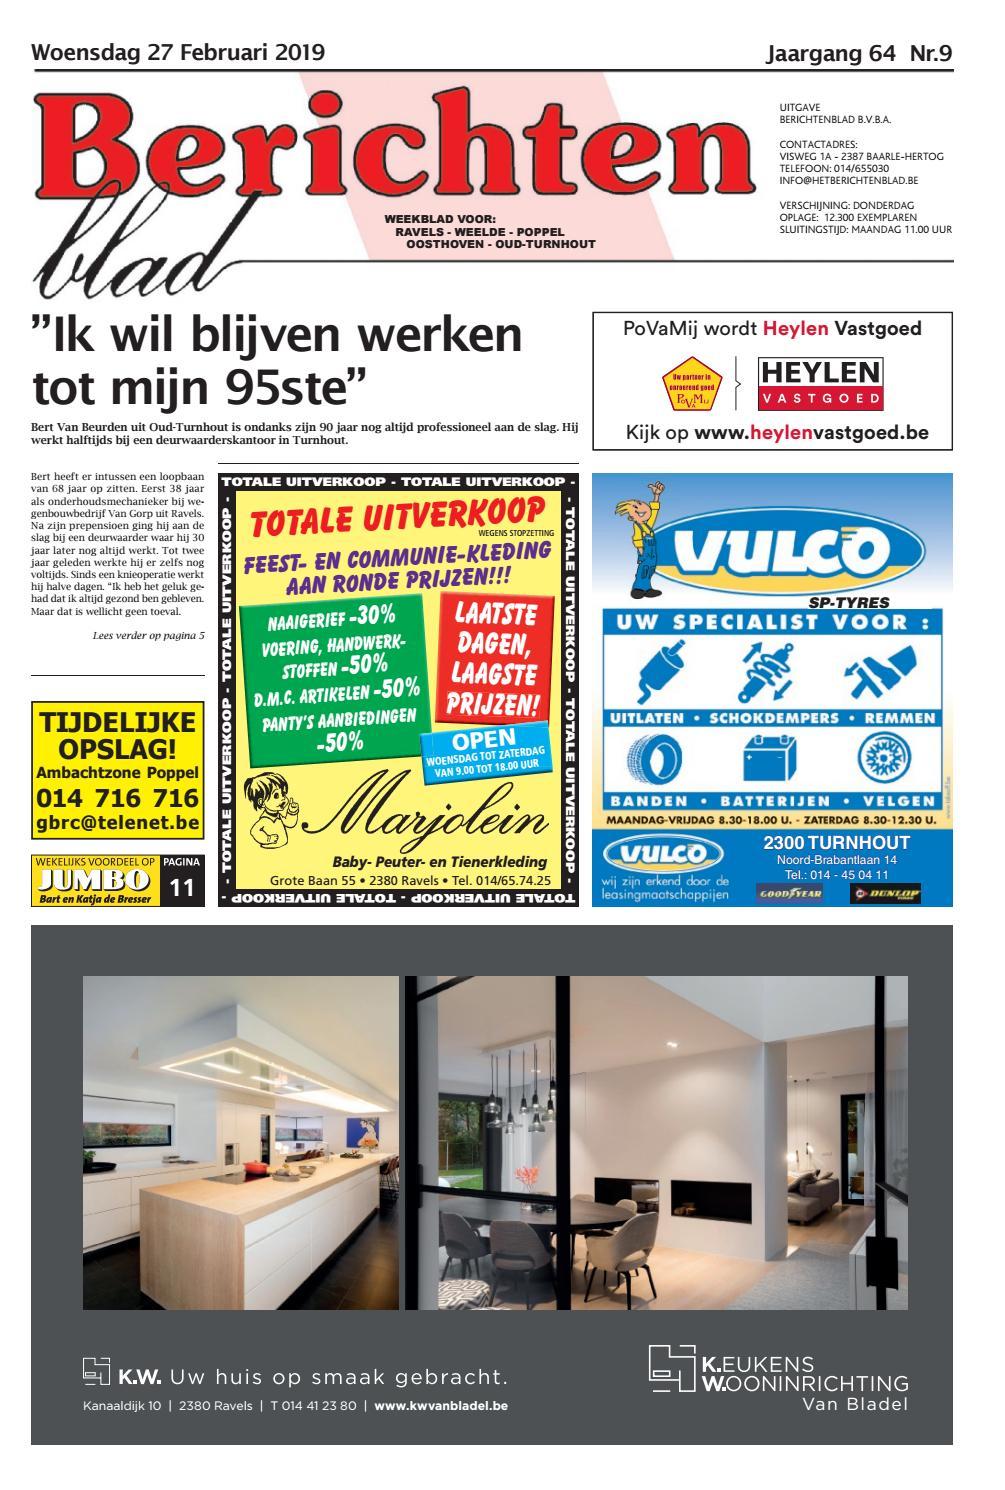 87f49bfaed6 Berichtenblad 27-02-2019 by Uitgeverij Em de Jong - issuu